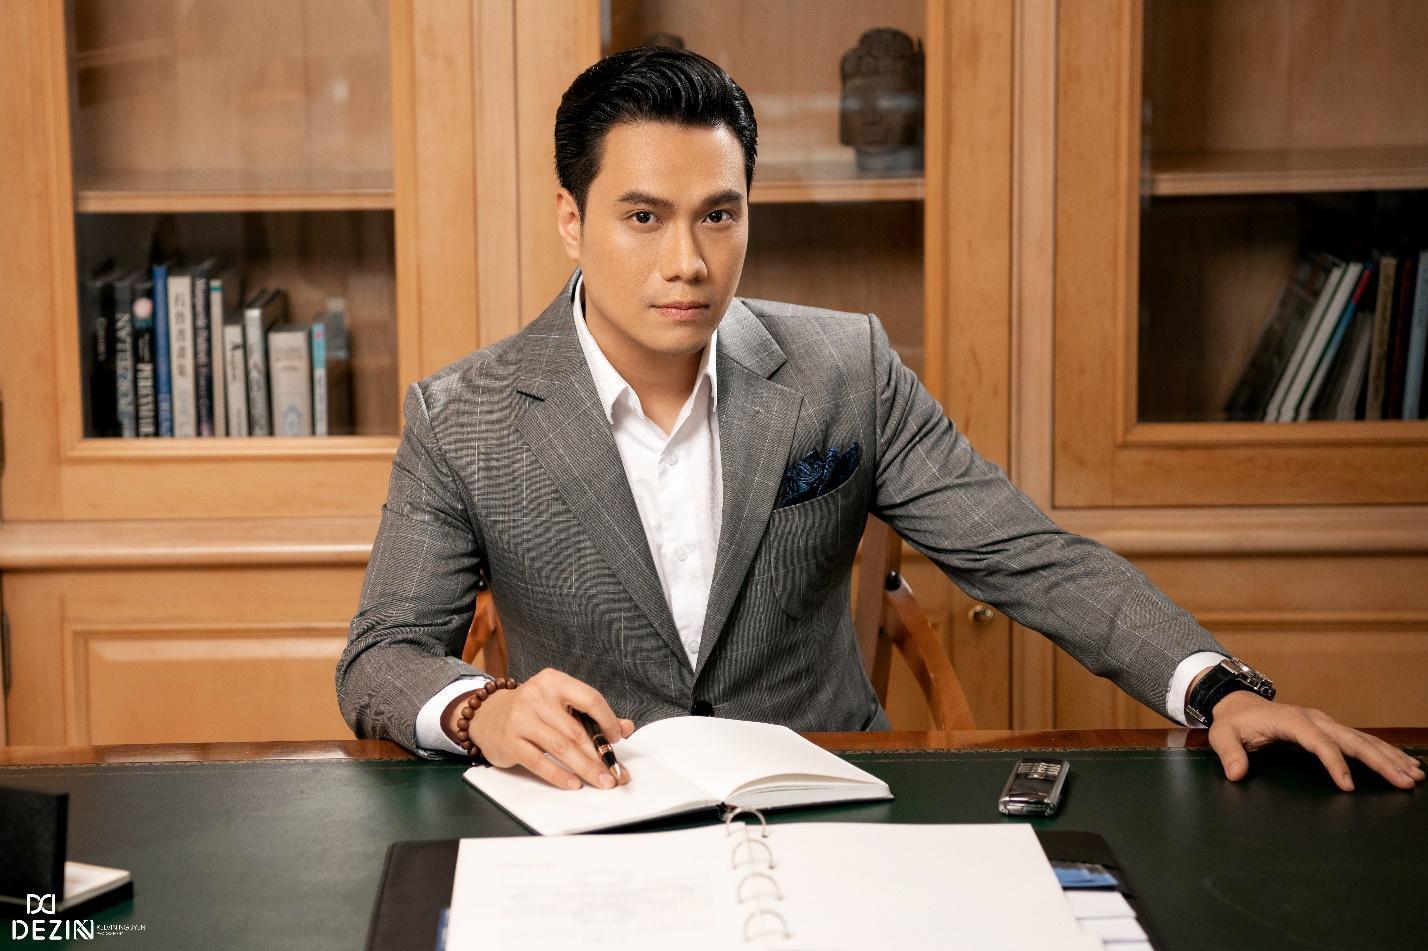 Đều mặc vest DEZI, Đông Hòa trong phim lẫn Việt Anh ngoài đời cùng khiến khán giả mê mệt với phong cách lịch lãm chuẩn soái ca - Ảnh 3.